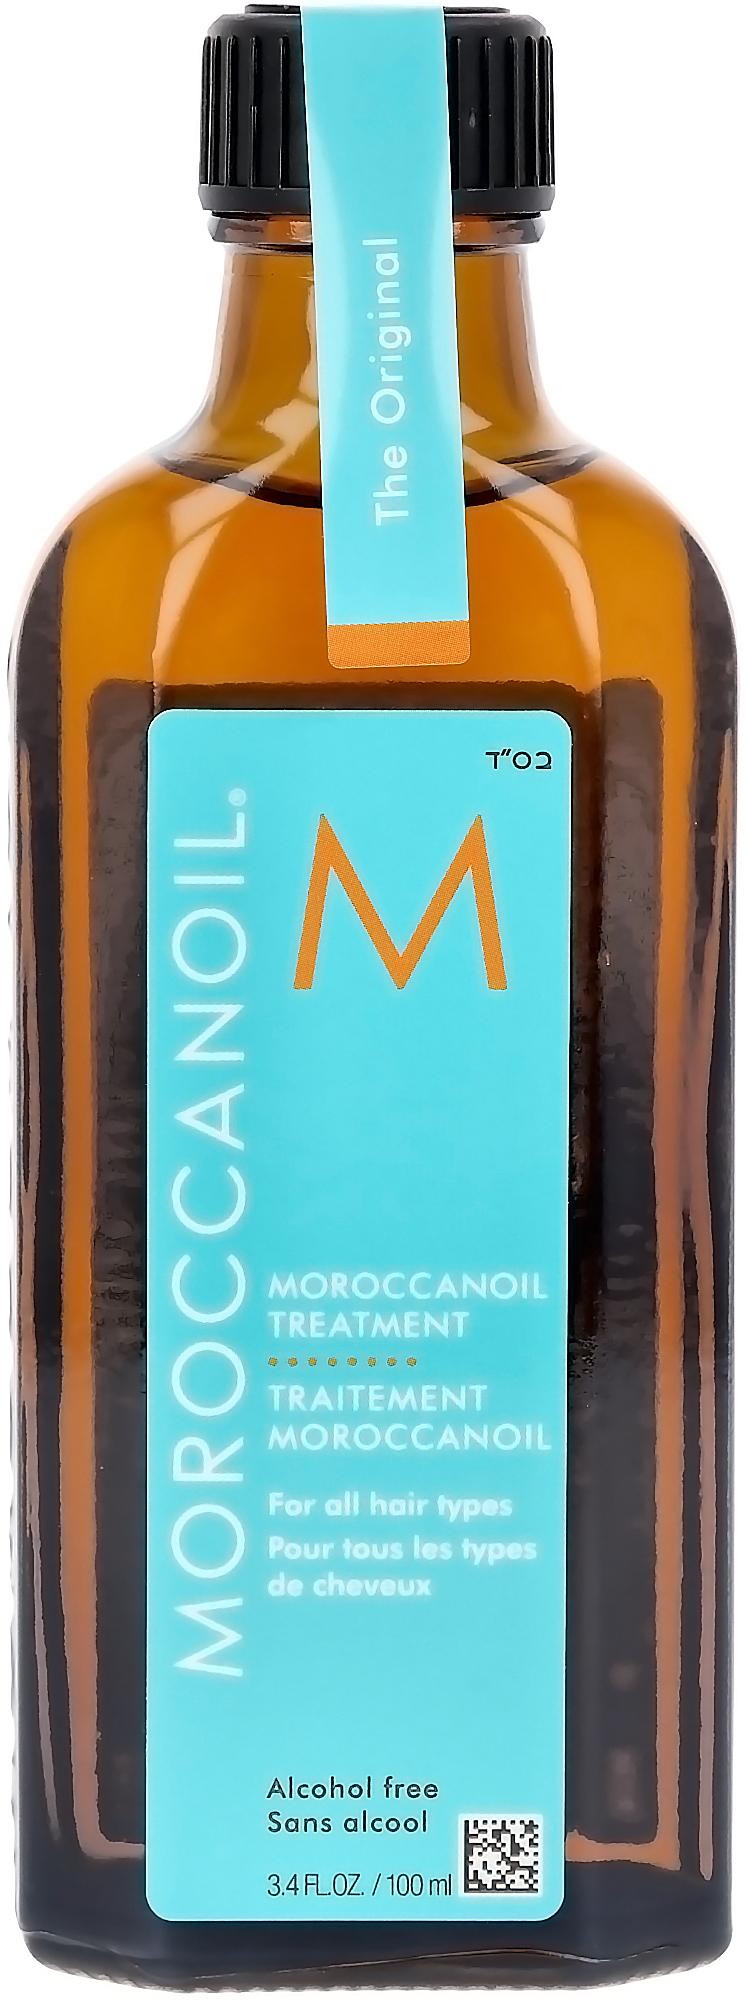 moroccanoil-original-oil-treatment-wants-innkjøp-lyko-sminke-hudpleie-hudprodukter-hudrens-anbefaler-favoritter-hudfavoritter-sminkefavoritter-isalicious-isalicious1-isalicious.blogg.no-skjønnhet-blogger-